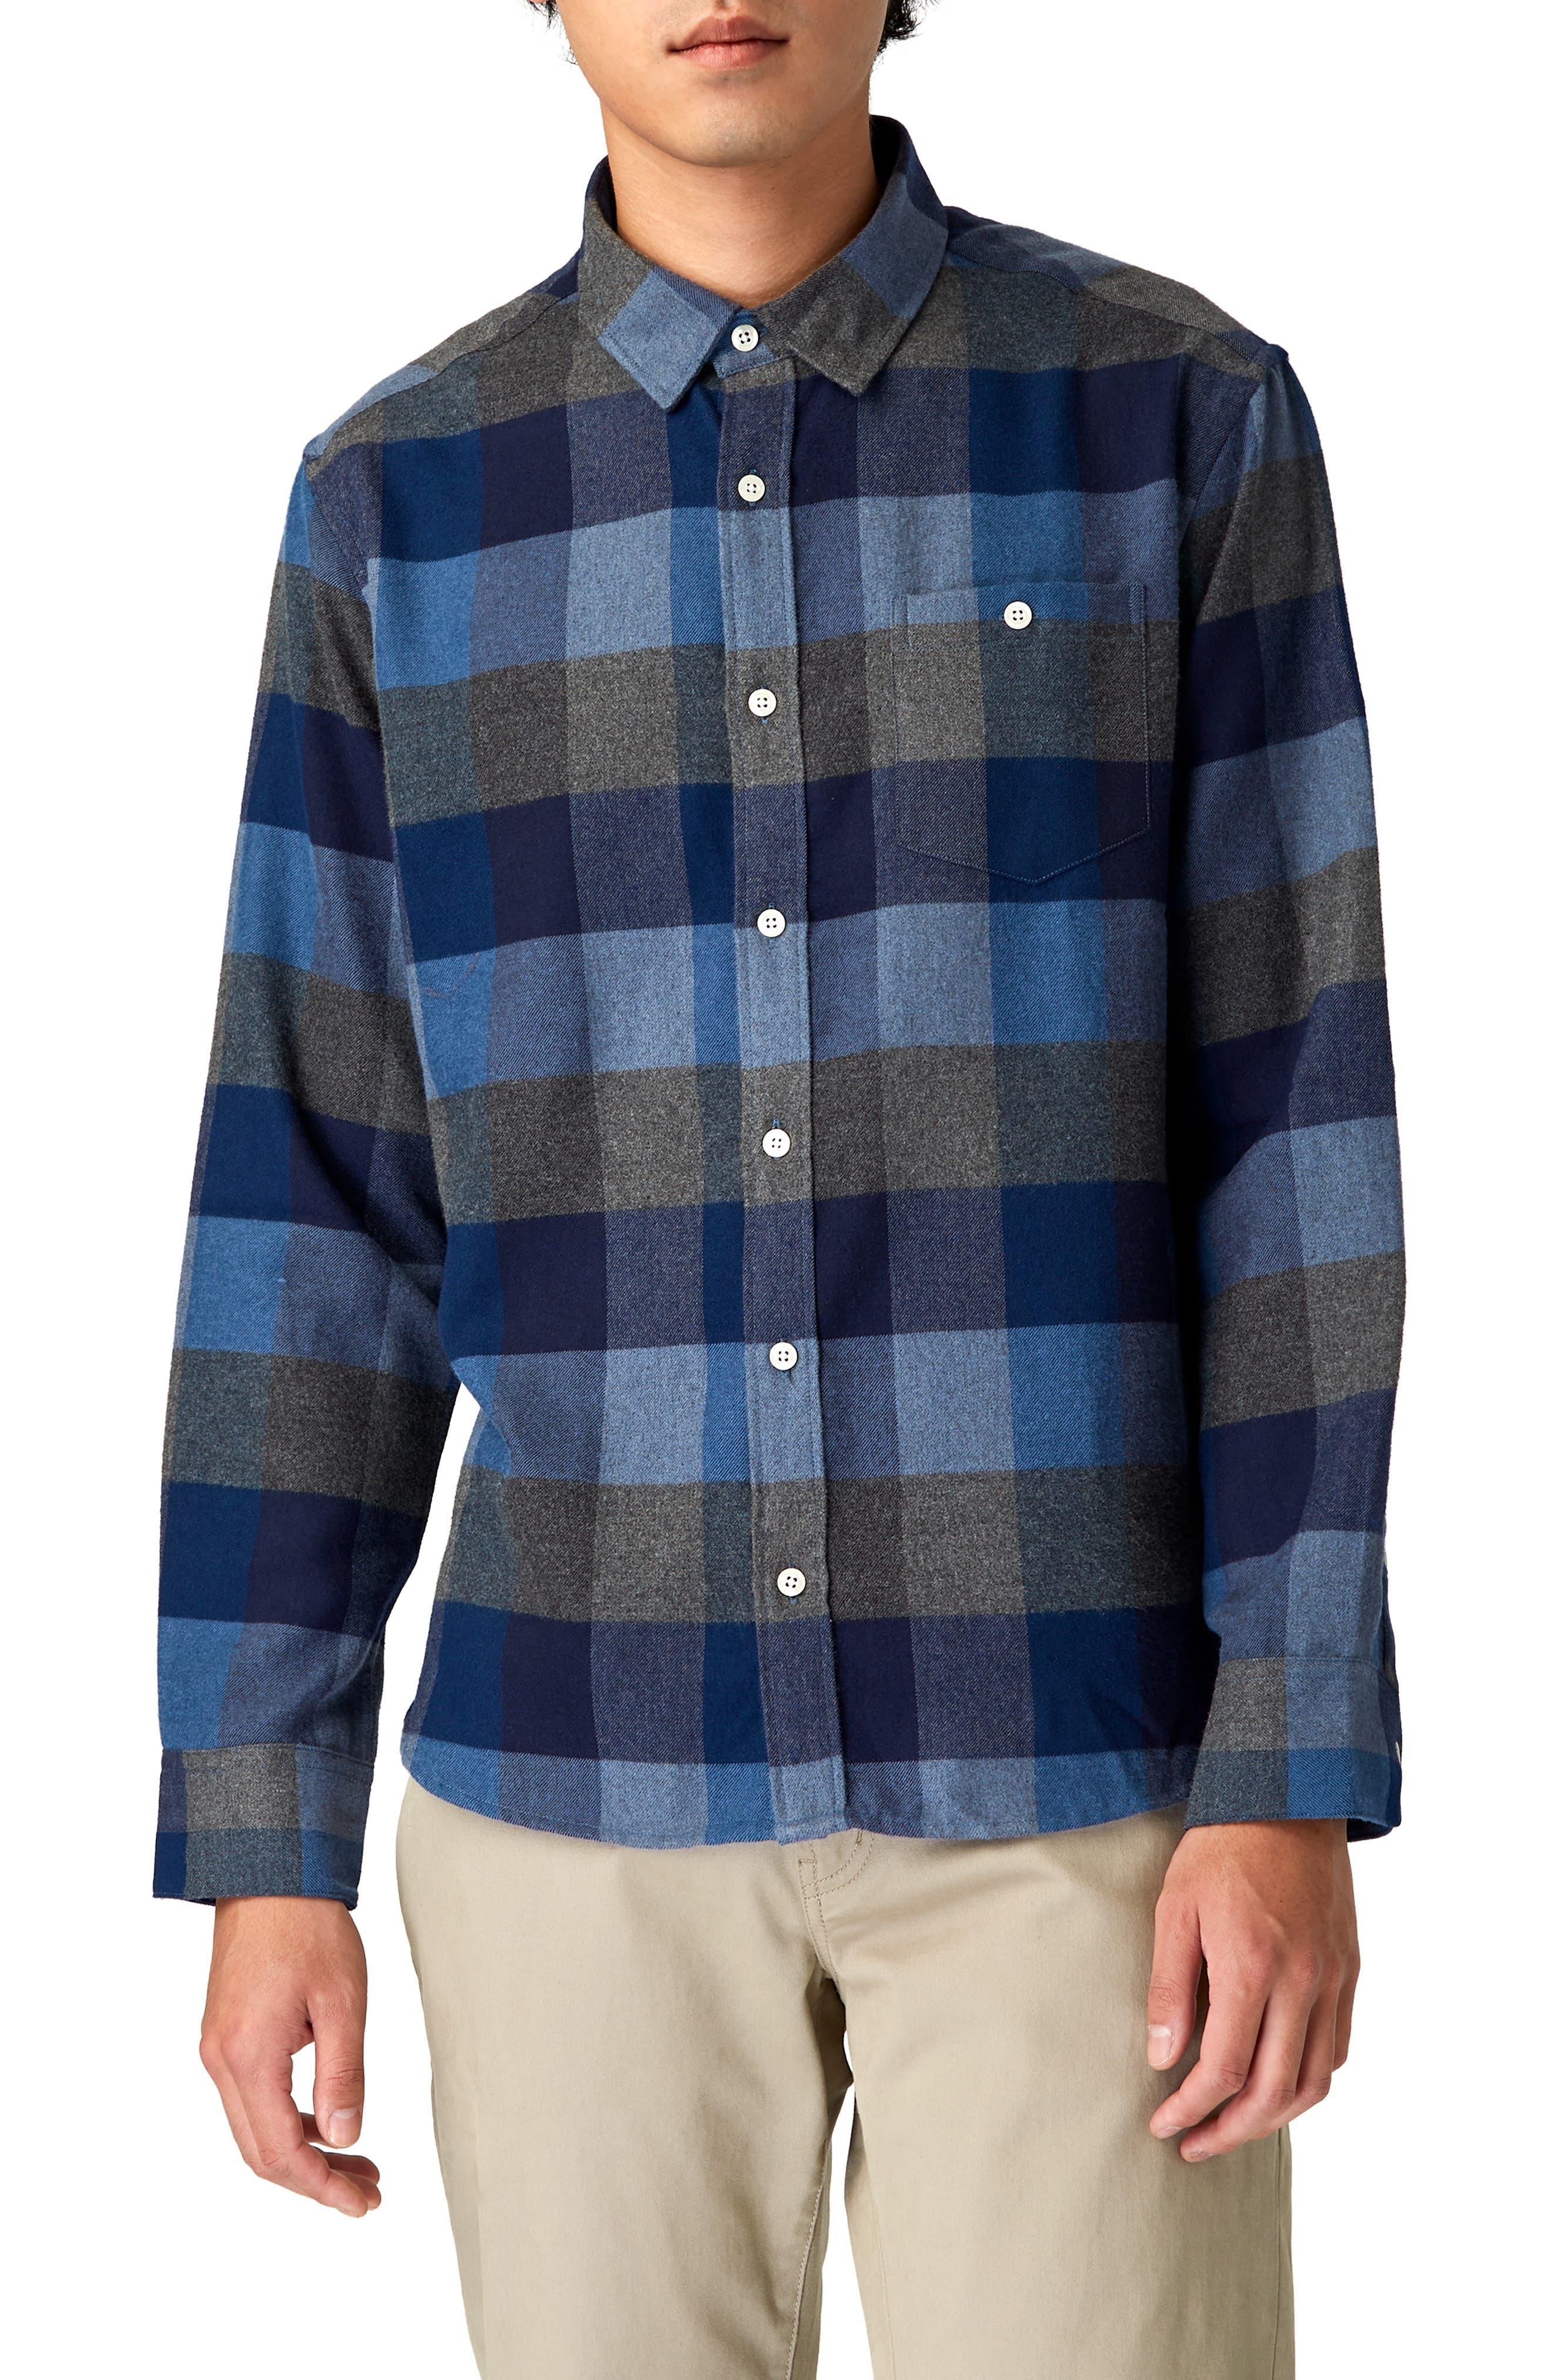 Cypress Check Sport Shirt,                             Main thumbnail 1, color,                             410